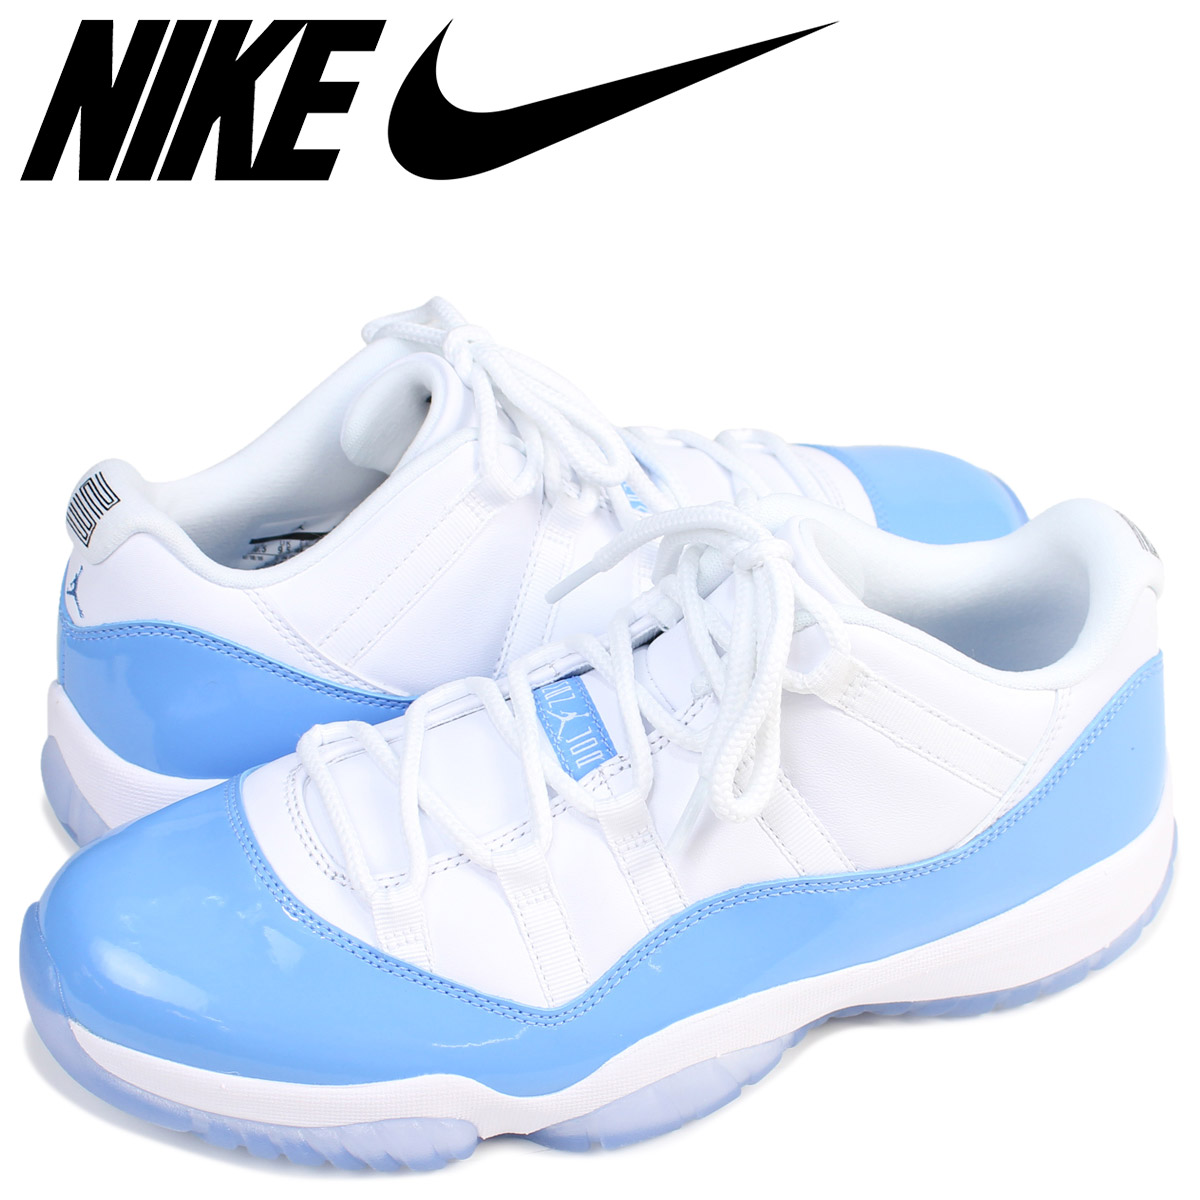 ALLSPORTS  NIKE Nike Air Jordan 11 low sneakers AIR JORDAN 11 LOW ... 5868bc7ef